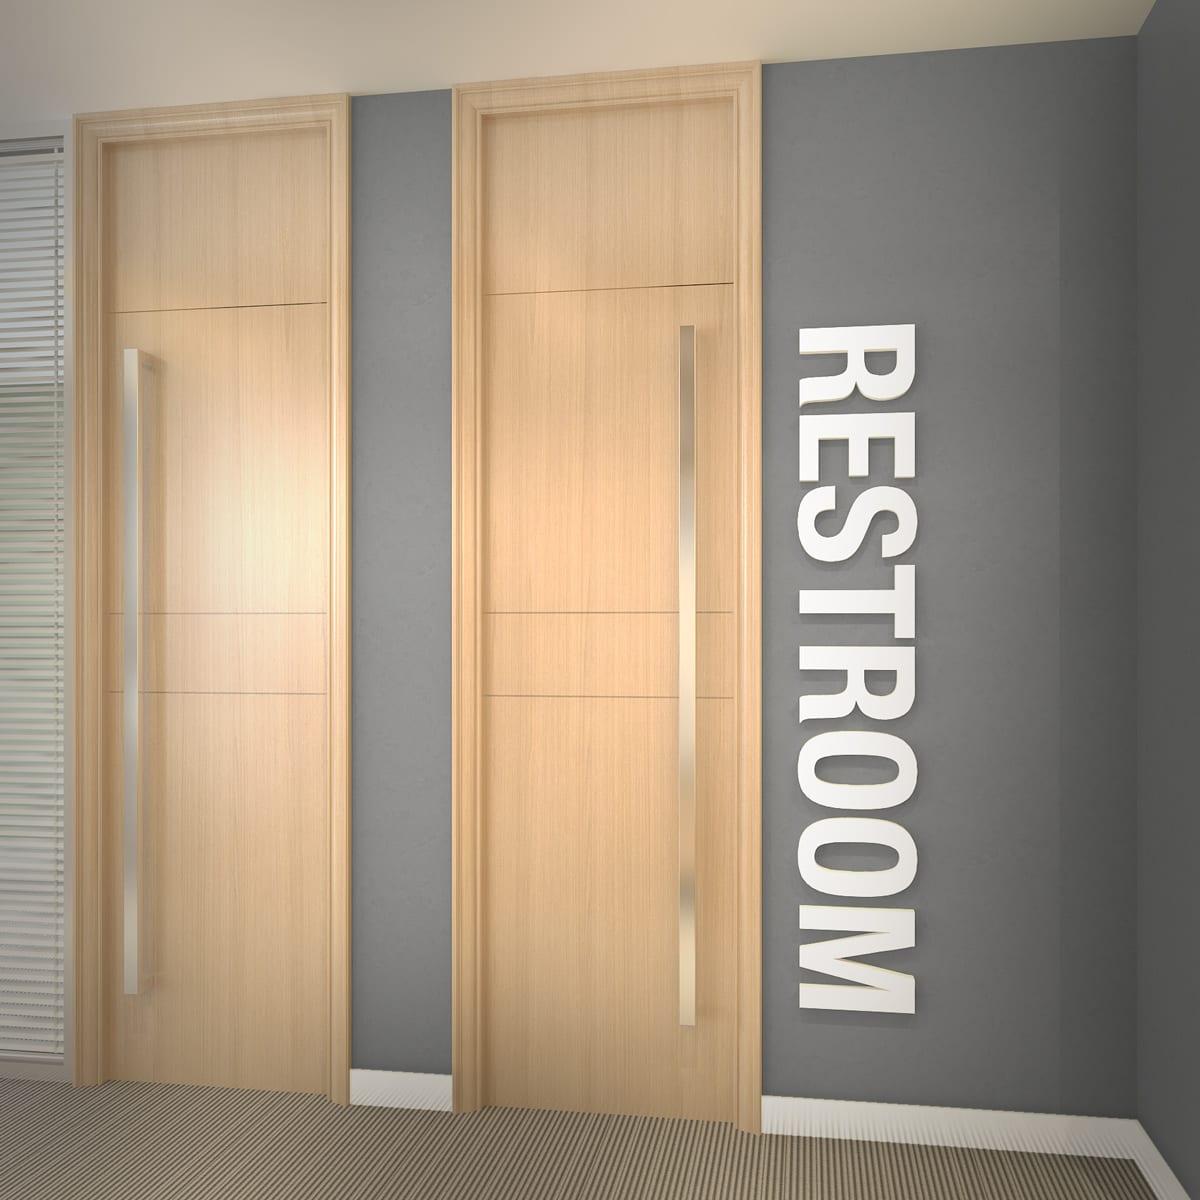 Restroom 3D Office Wall Decor